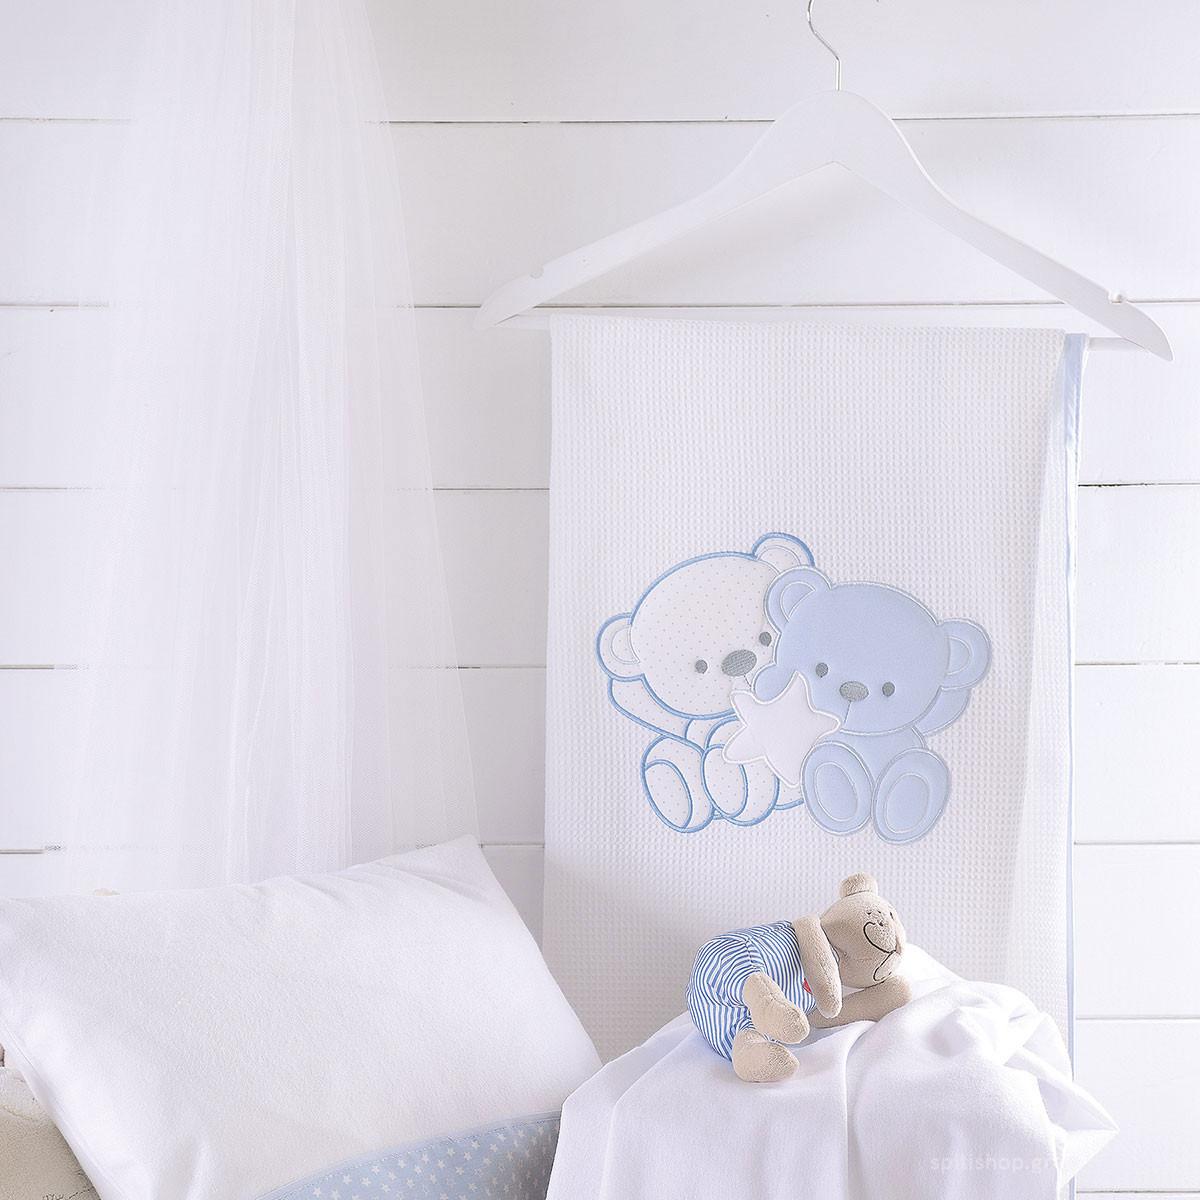 Κουβέρτα Πικέ Κούνιας Rythmos Together Ciel home   βρεφικά   κουβέρτες βρεφικές   κουβέρτες καλοκαιρινές